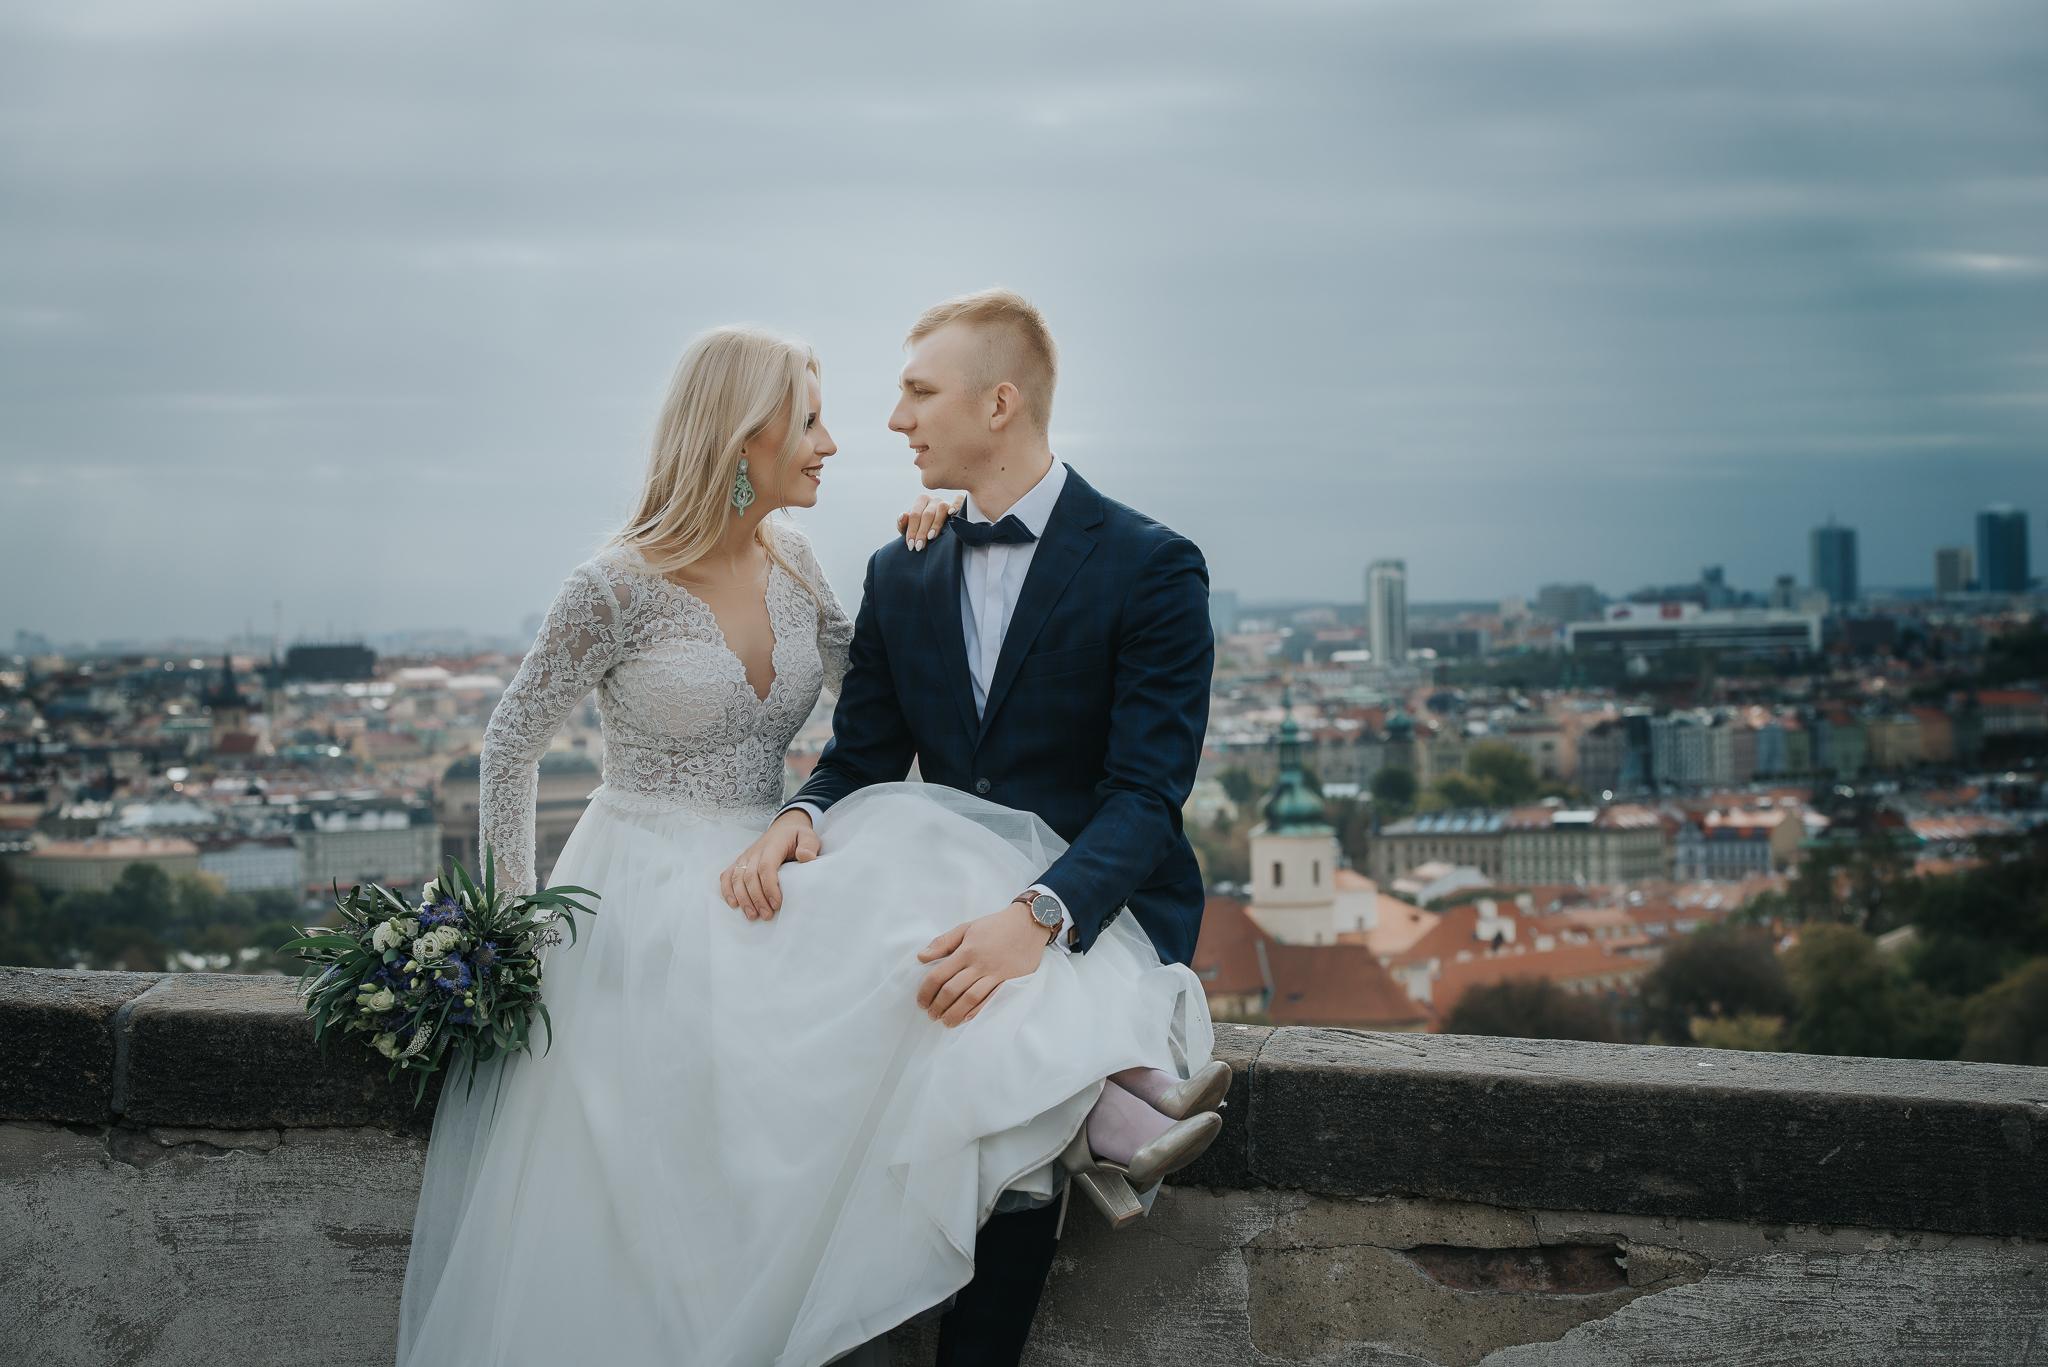 0292_Sara&Sebastian________sesja_poslubna_czechy_praga_most_karola_hradczany_fotografia_slubna_www_amfoto_pl_DSC_1904.jpg